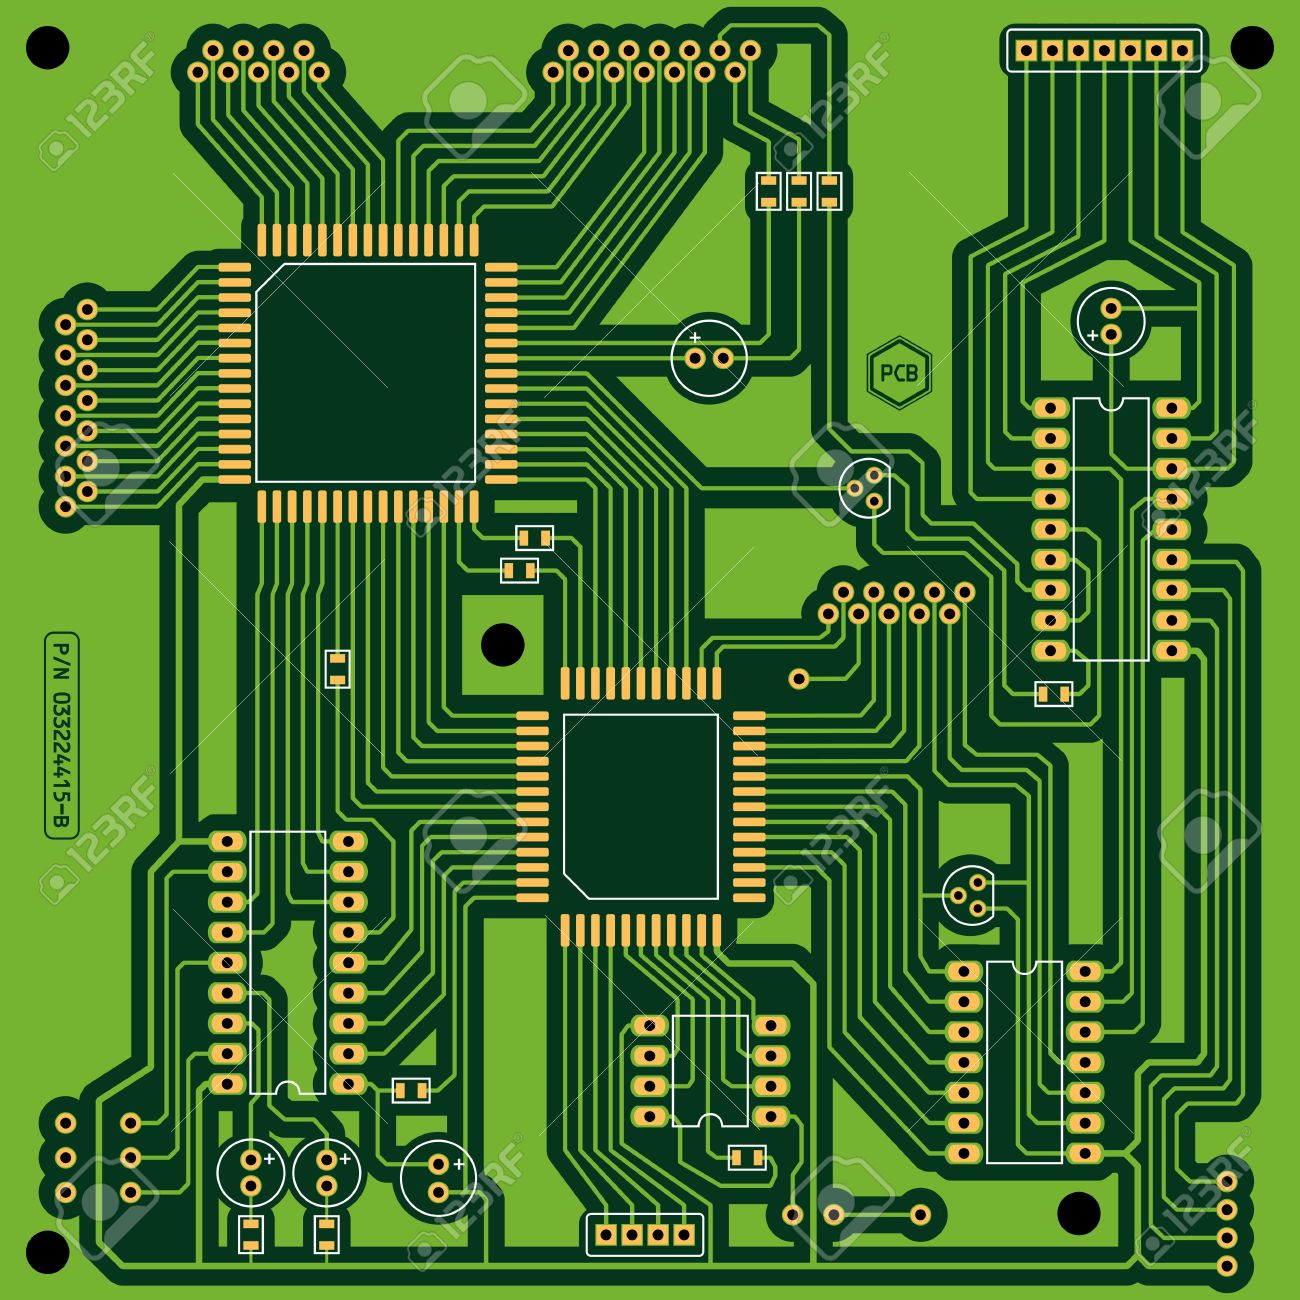 Circuito Impreso : Ilustración de un color verde placa de circuito impreso pcb sin